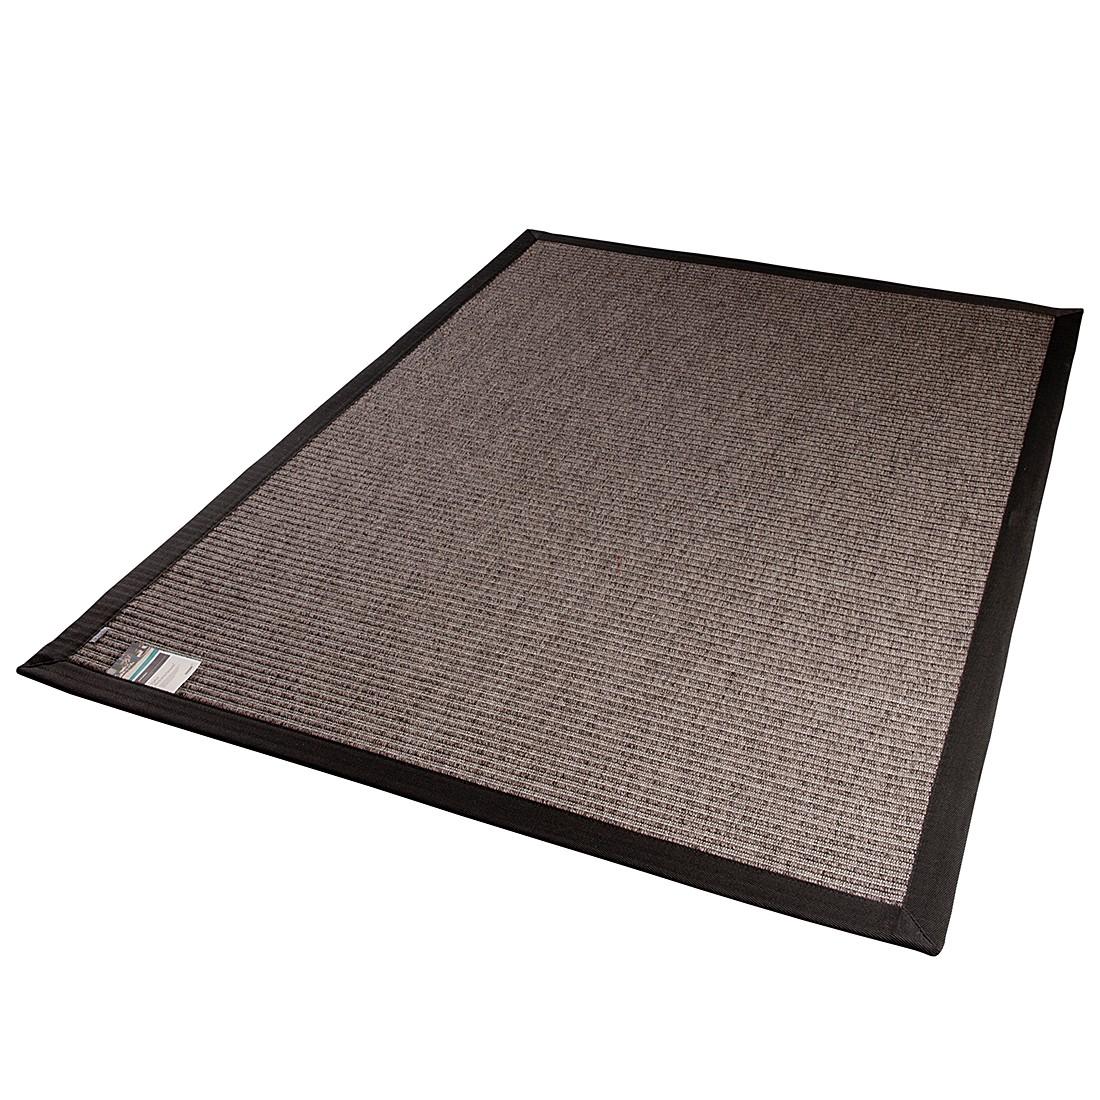 In-/Outdoorteppich Naturino Tweed – Anthrazit – 133 x 190 cm, DEKOWE jetzt kaufen